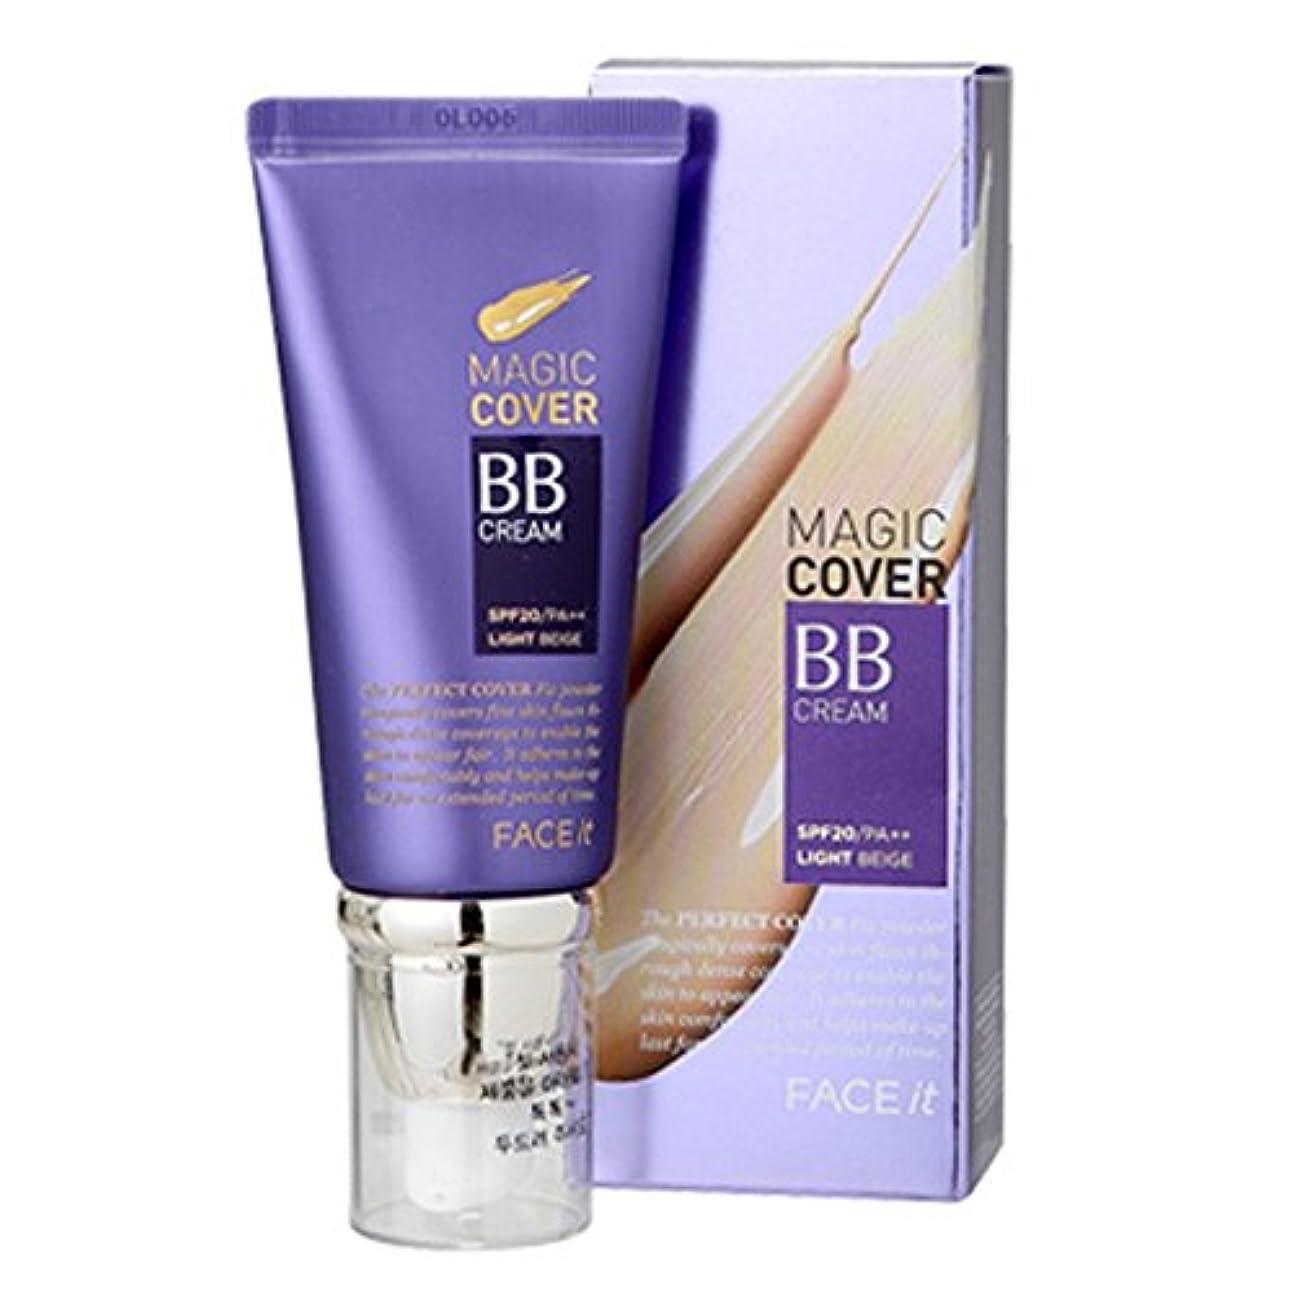 挑む望みコンテンツザフェイスショップ The Face Shop Face It Magic Cover BB Cream 45ml (02 Natural Beige)